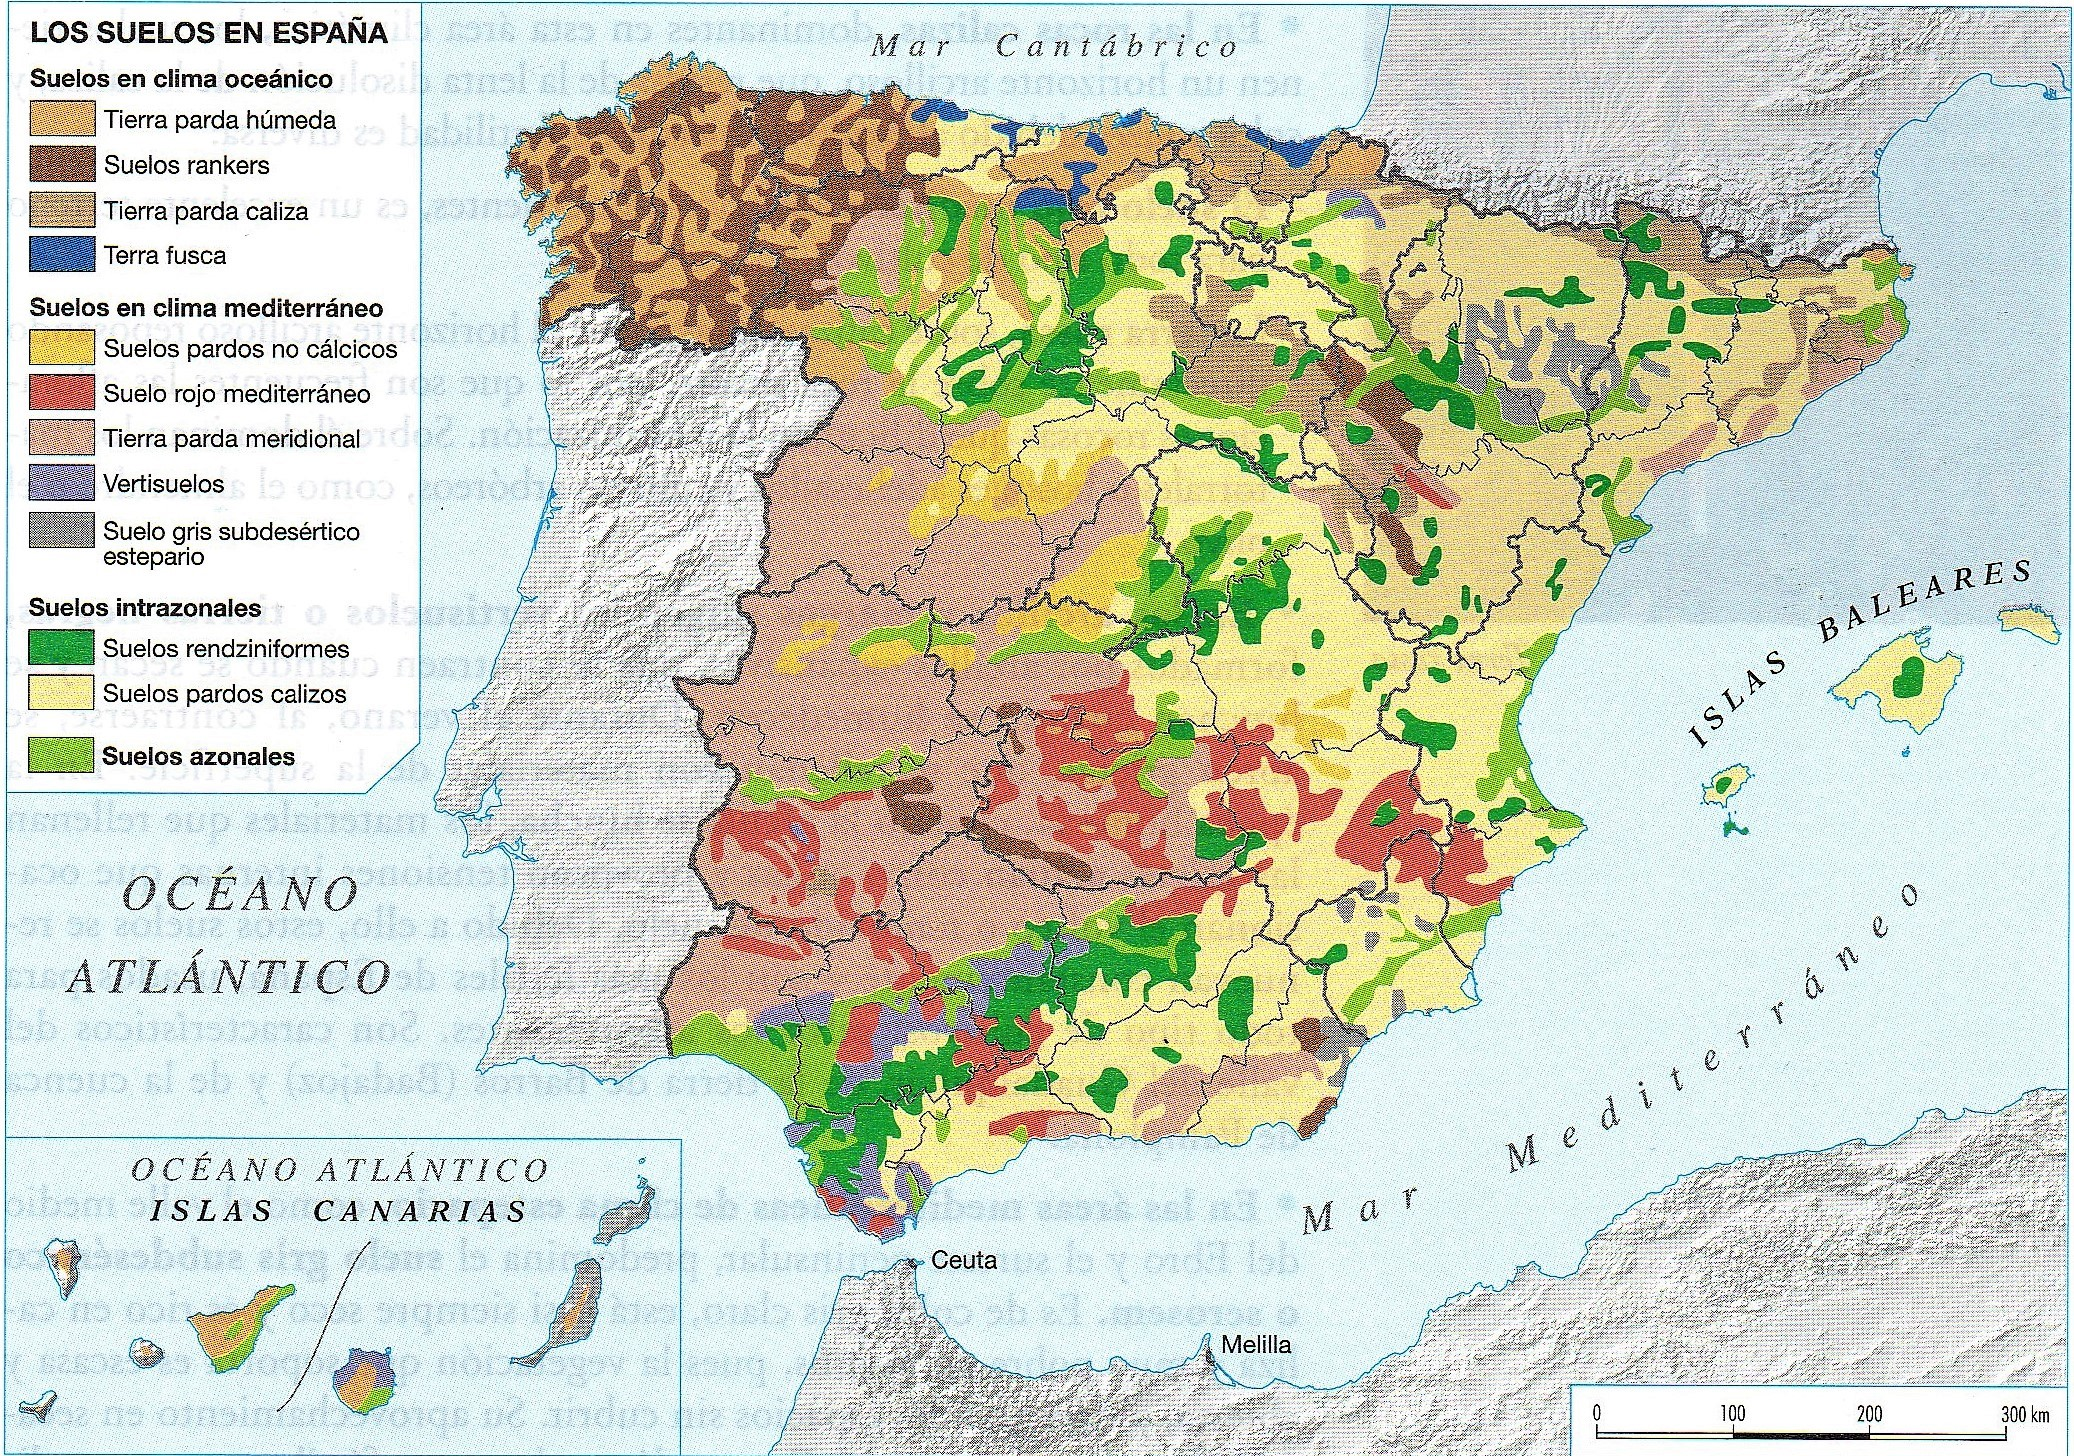 mapa-suelos